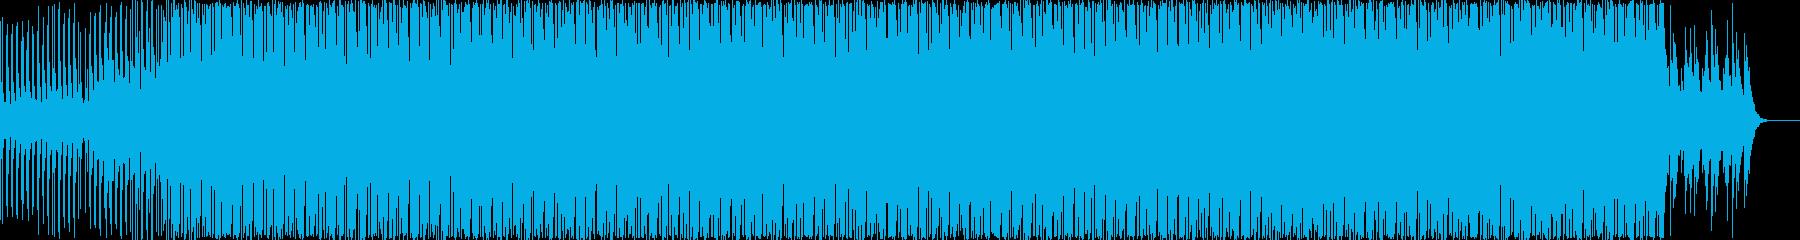 幻想的エレクトロニカハウスミュージックの再生済みの波形